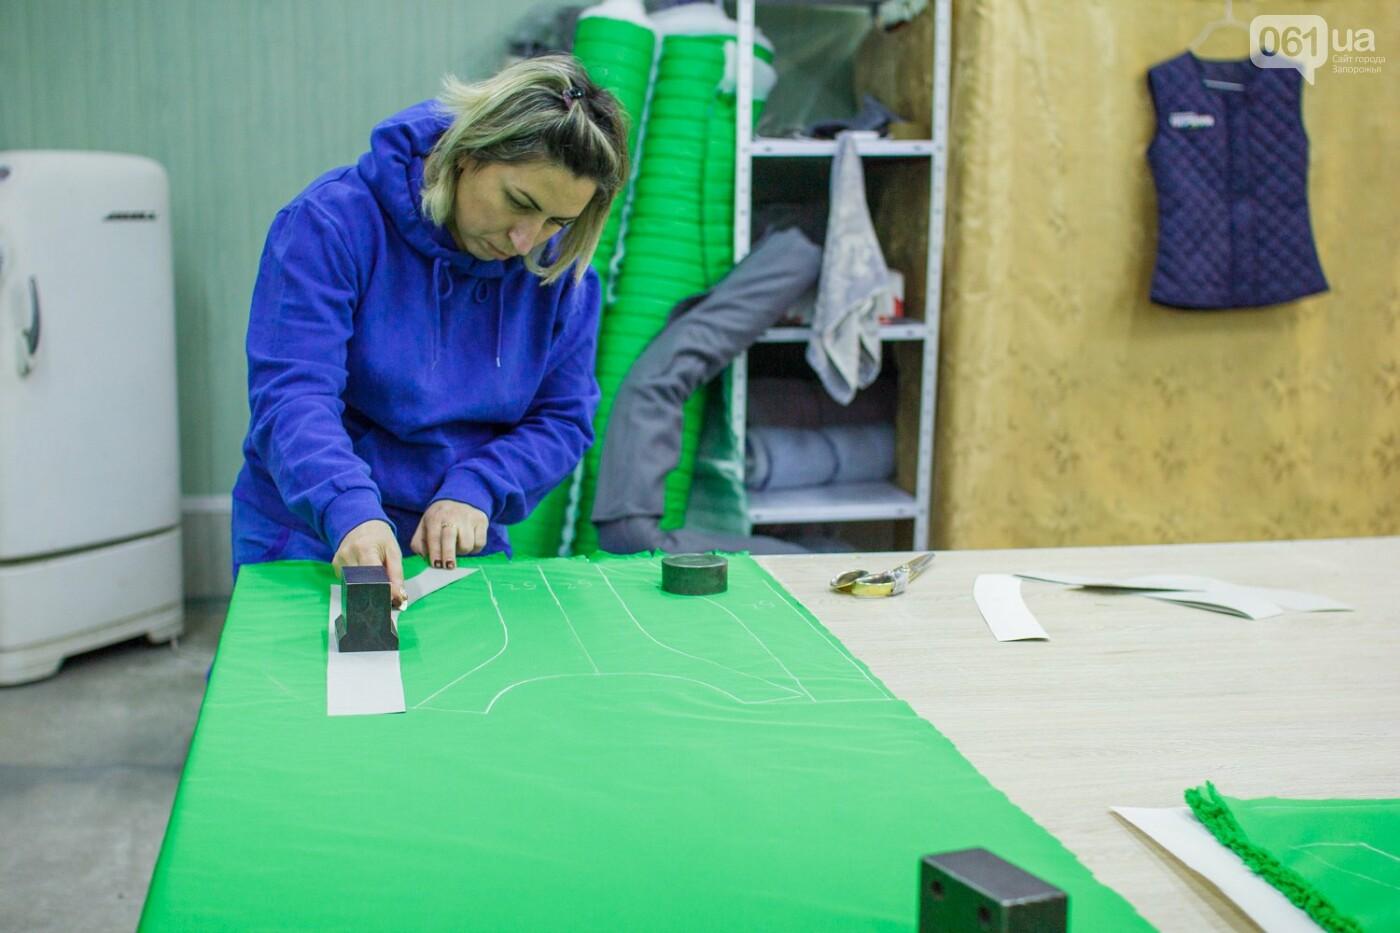 Как в Запорожье шьют мужское белье: экскурсия на трикотажную фабрику, – ФОТОРЕПОРТАЖ, фото-22